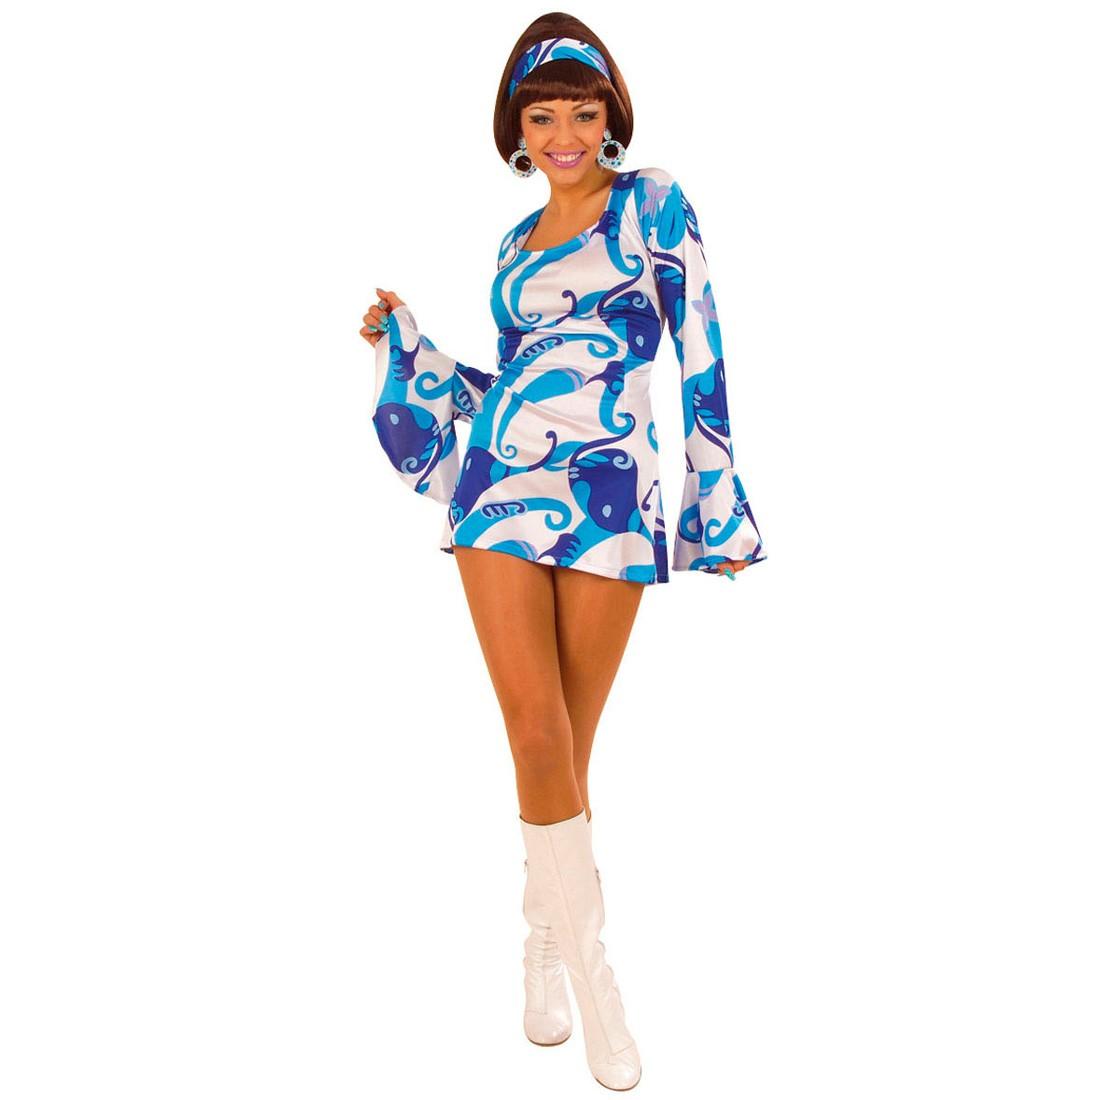 70er Jahre Damen Party Kleid Kostüm blau Gr M, 22,99 €